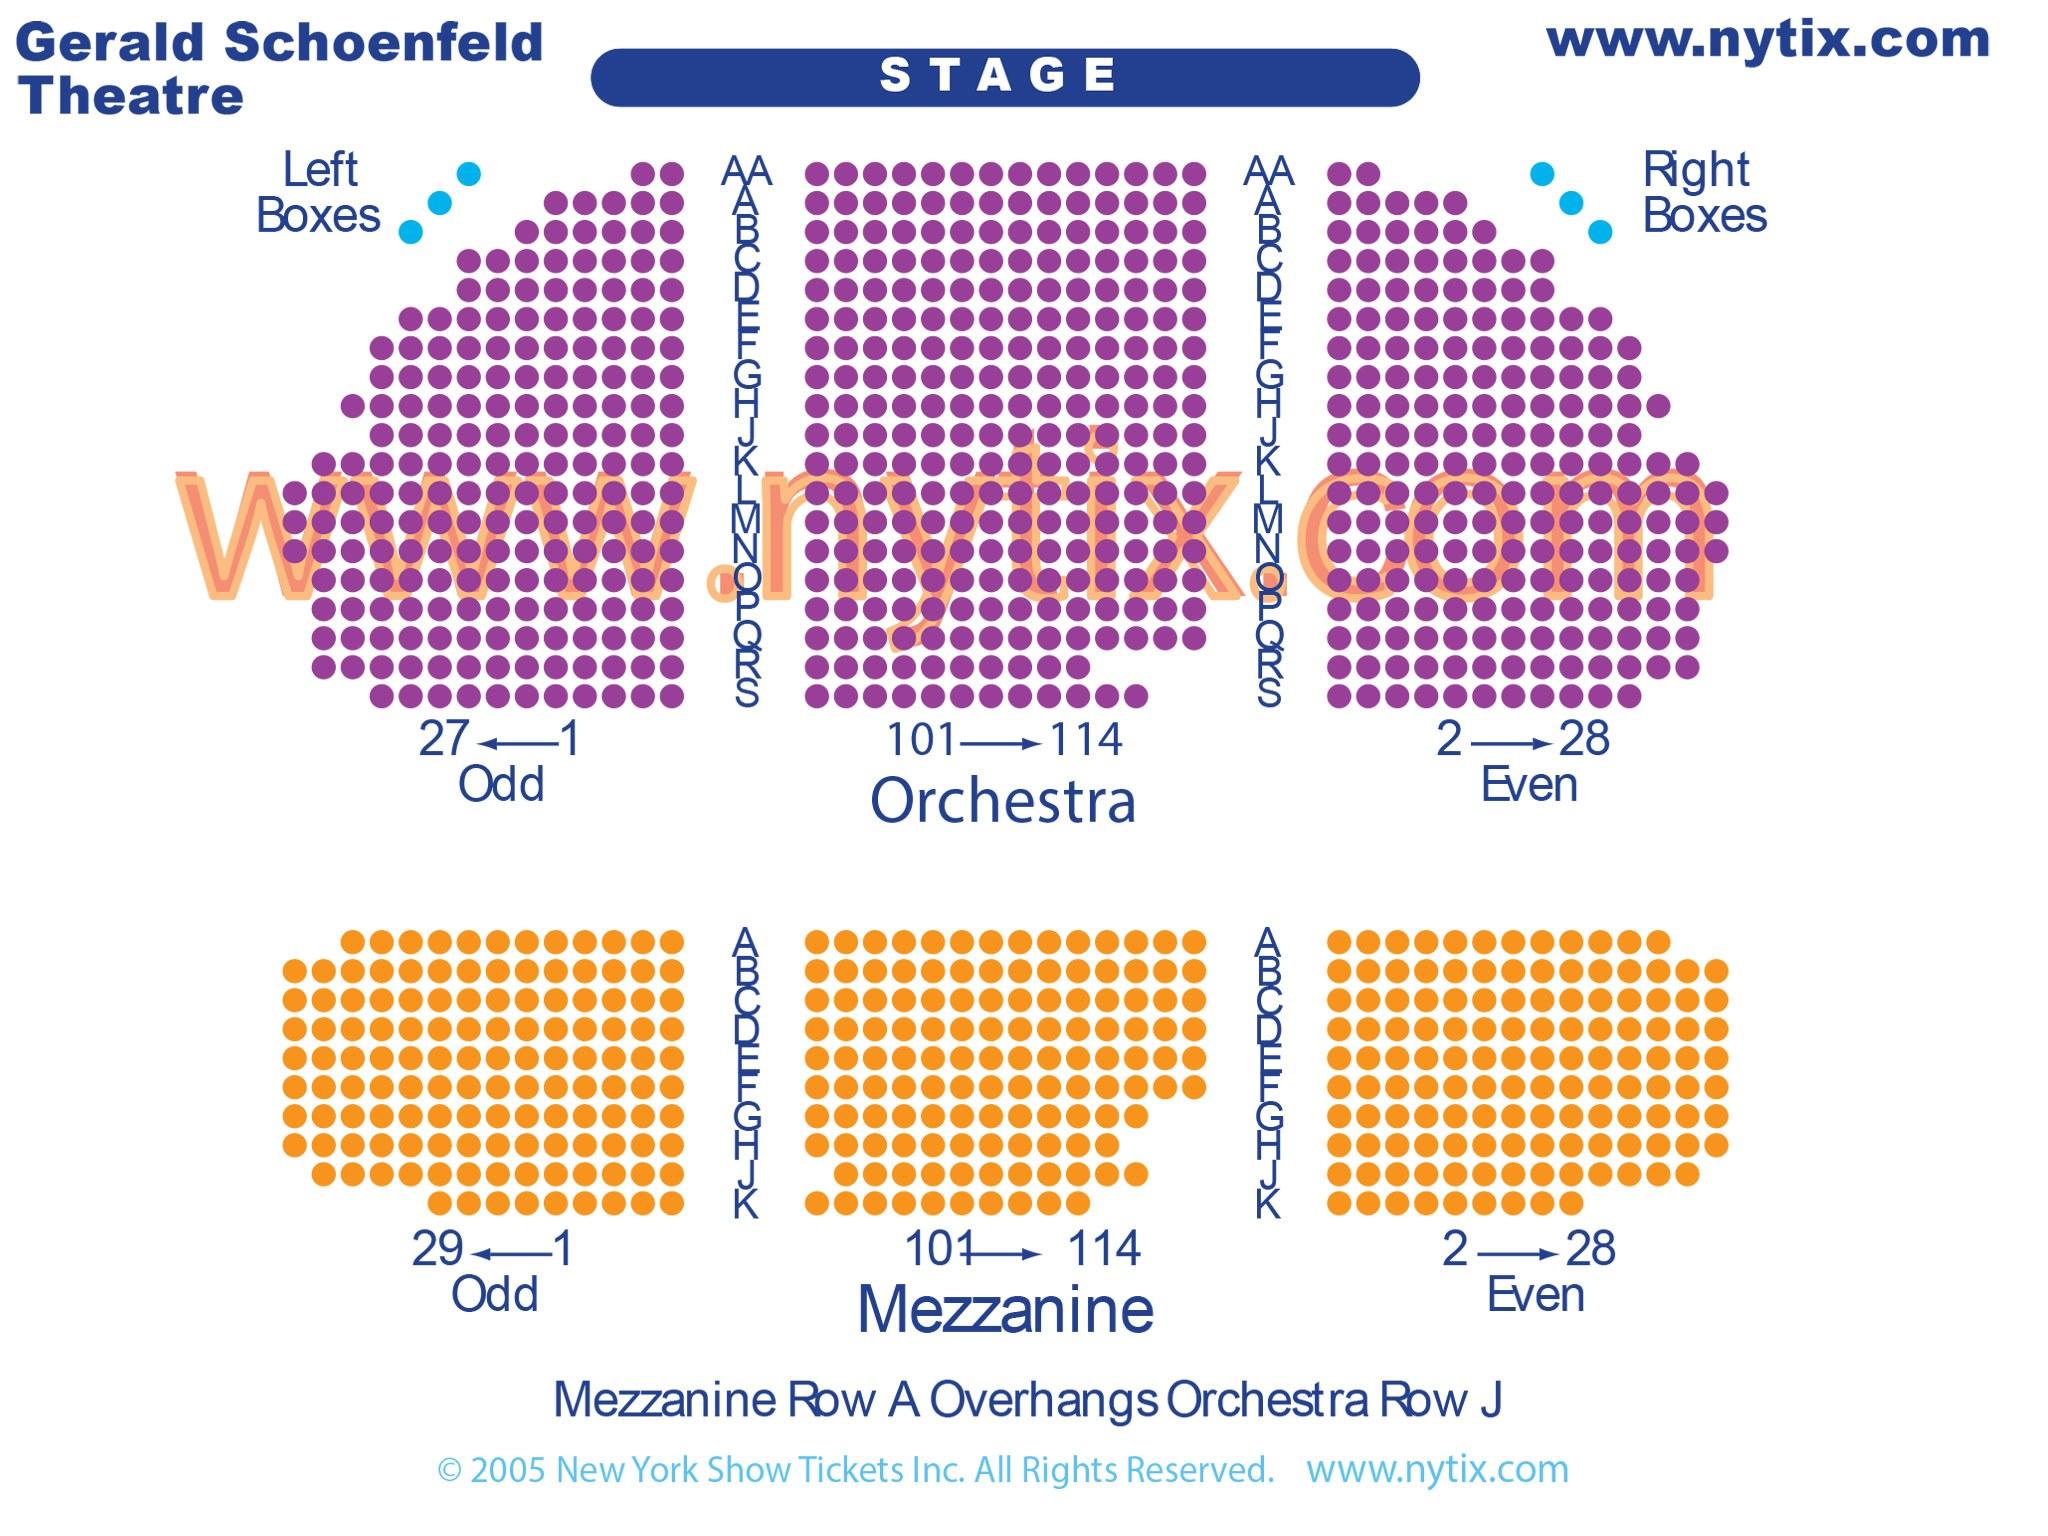 Gerald Schoenfeld Theatre Seating Chart